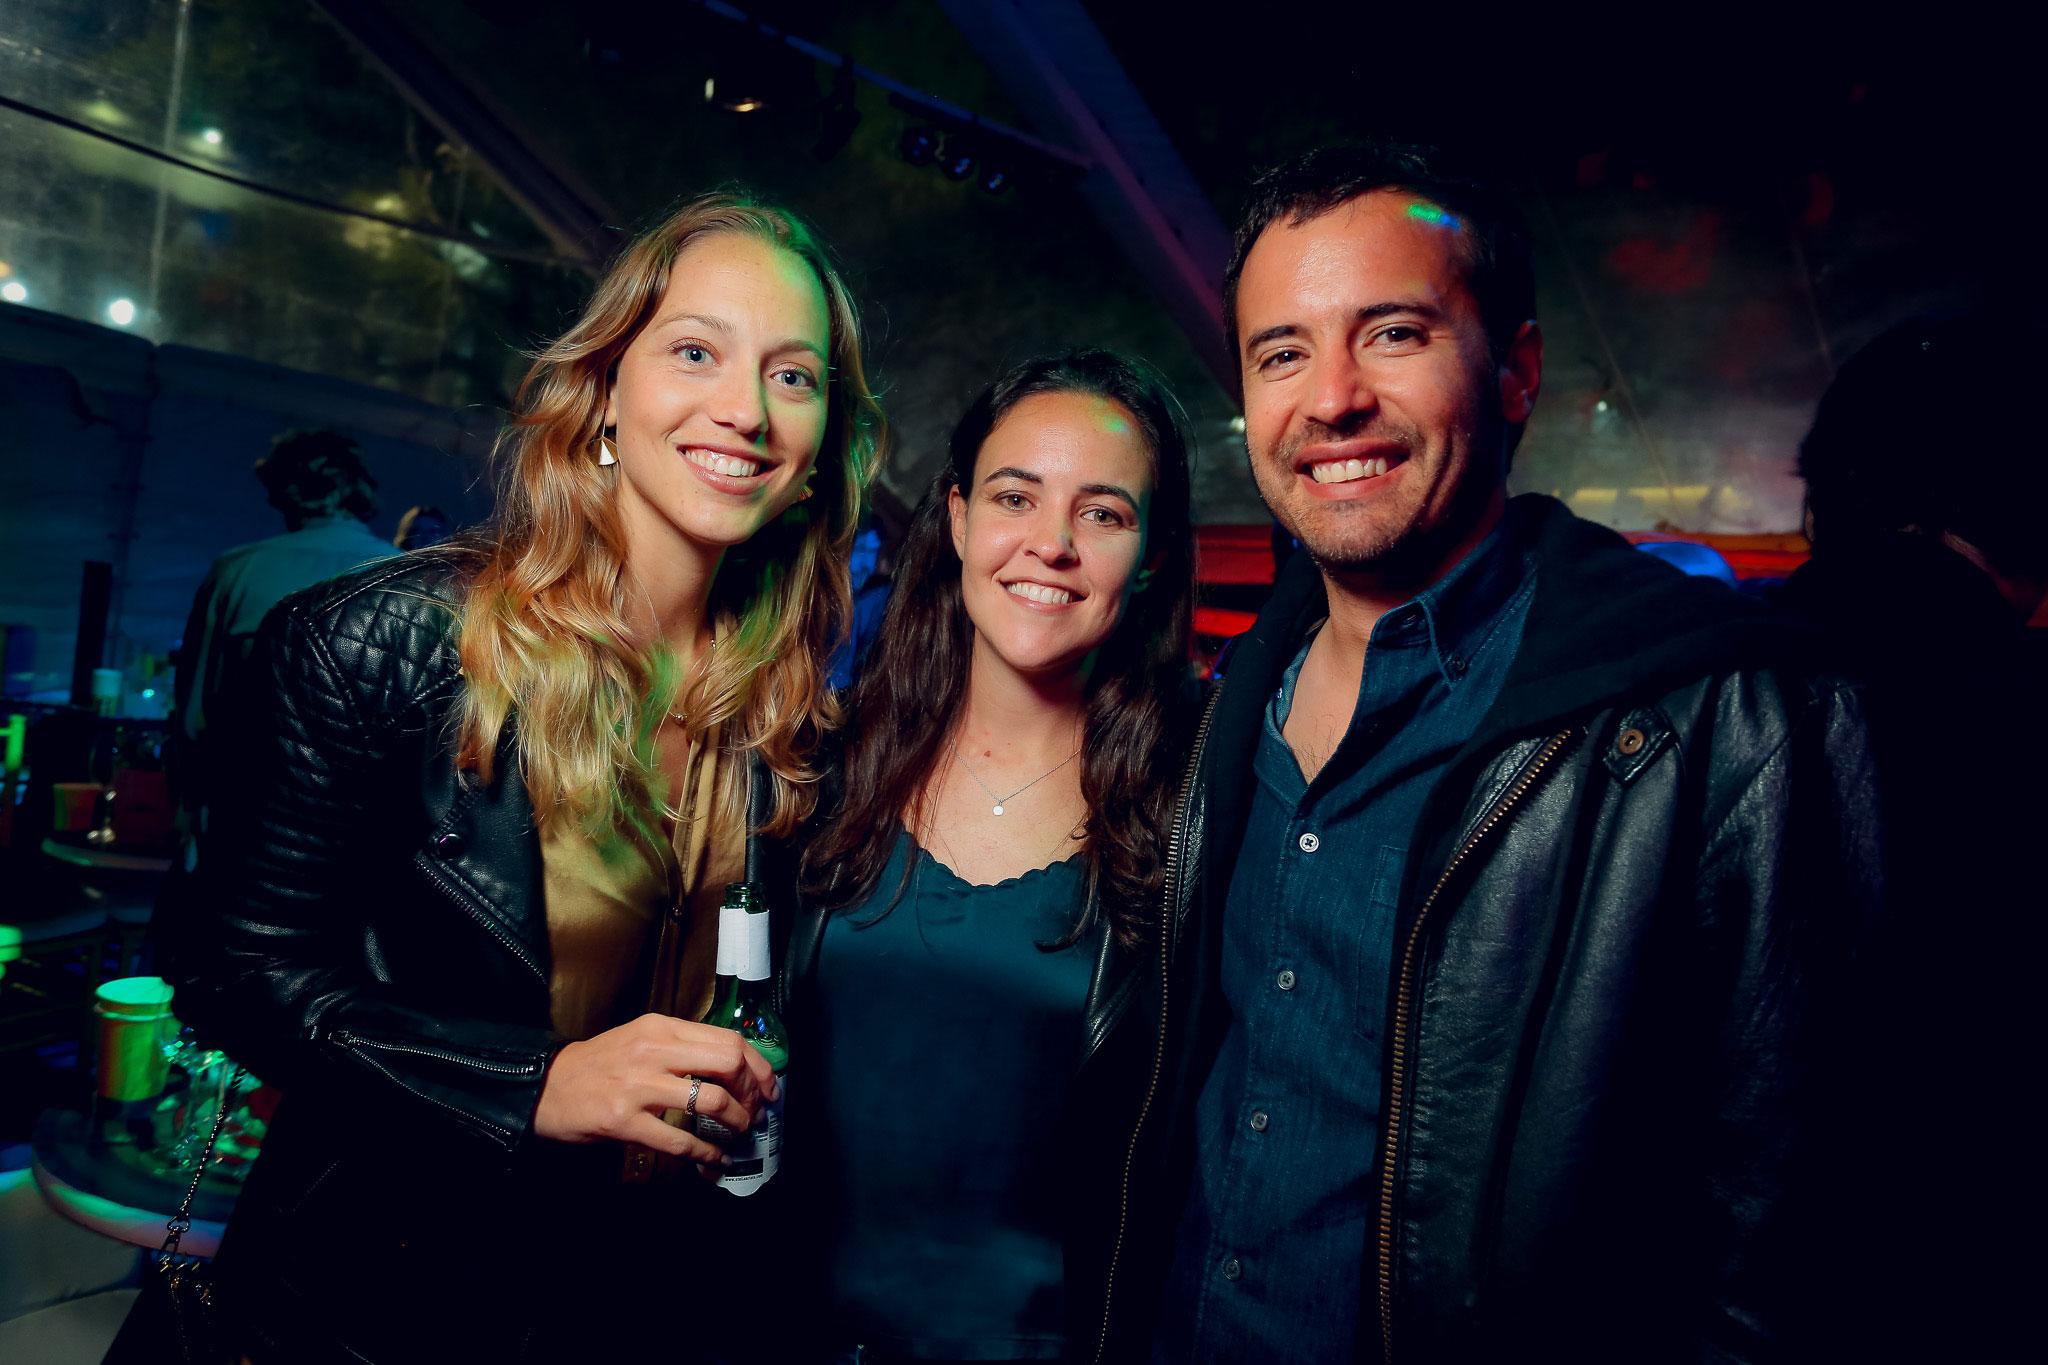 Carolina De Ganay, Sofía Bunge e Ignacio Ortíz